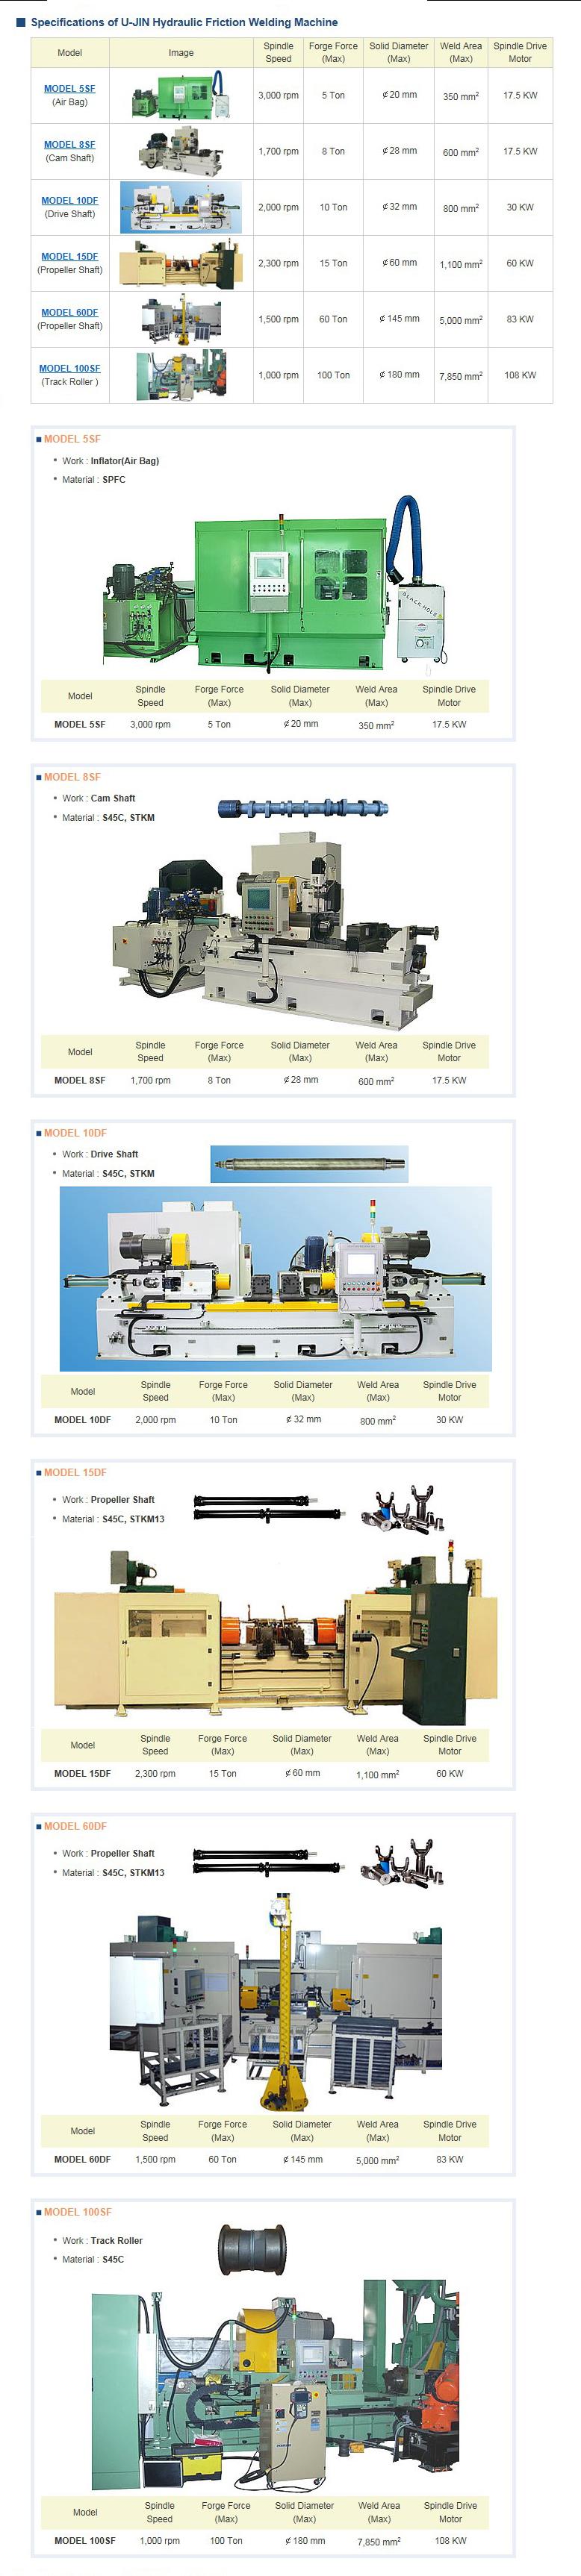 UJIN TECH U-JIN Hydraulic Friction Welding Machine